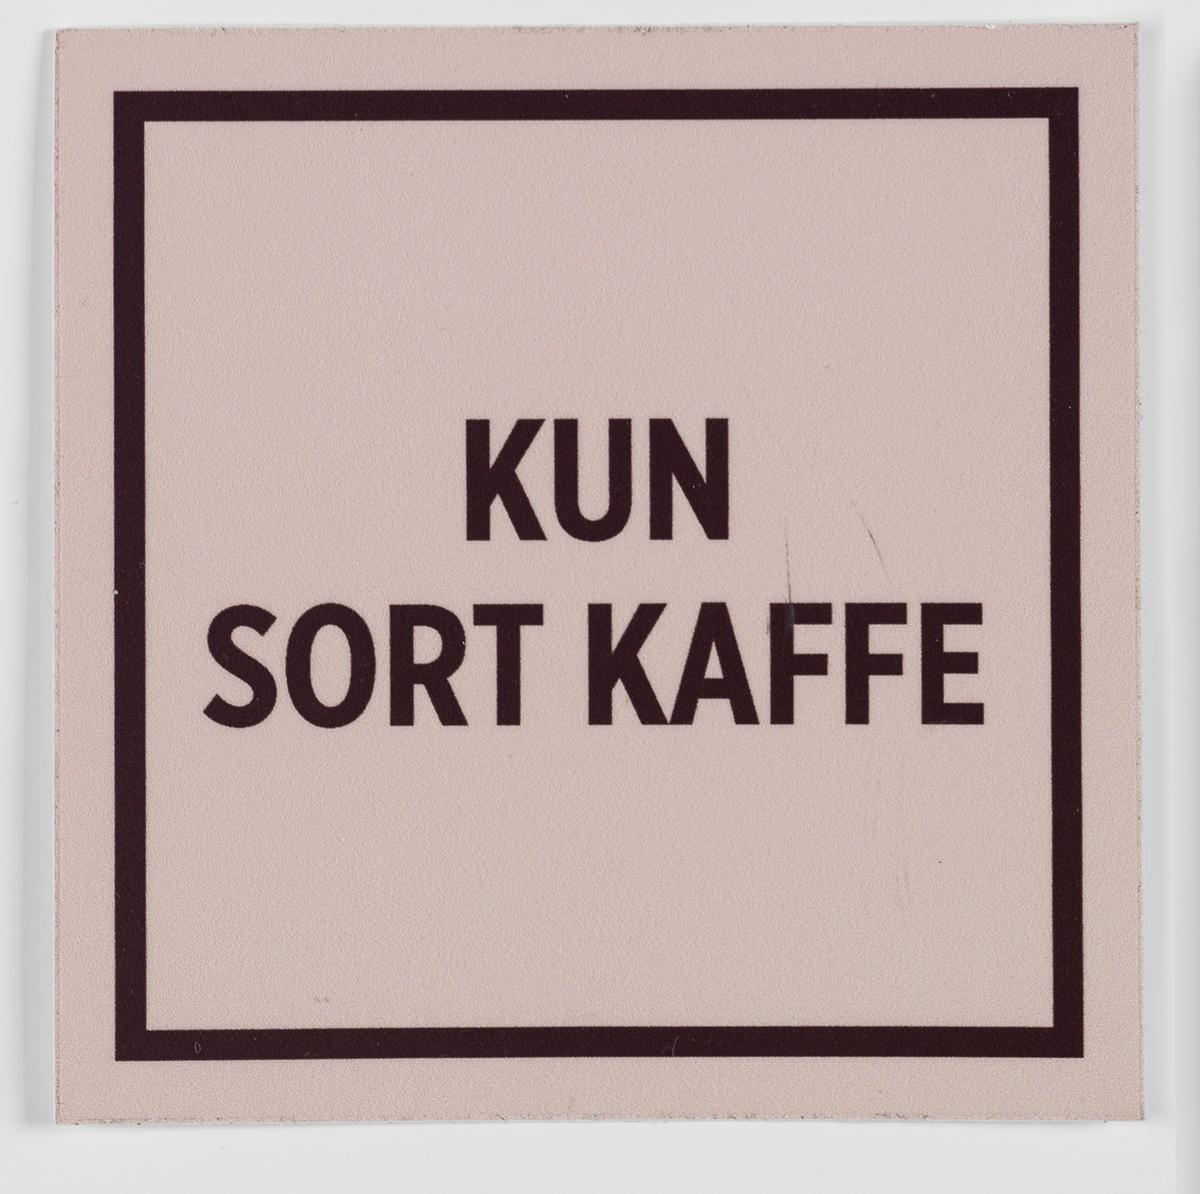 Et kvadratisk klistremerke med stilisert ramme med beige bunnfarge og brun skrift. Kan klistres på en flate i nærheten av kaffeautomaten i butikken.